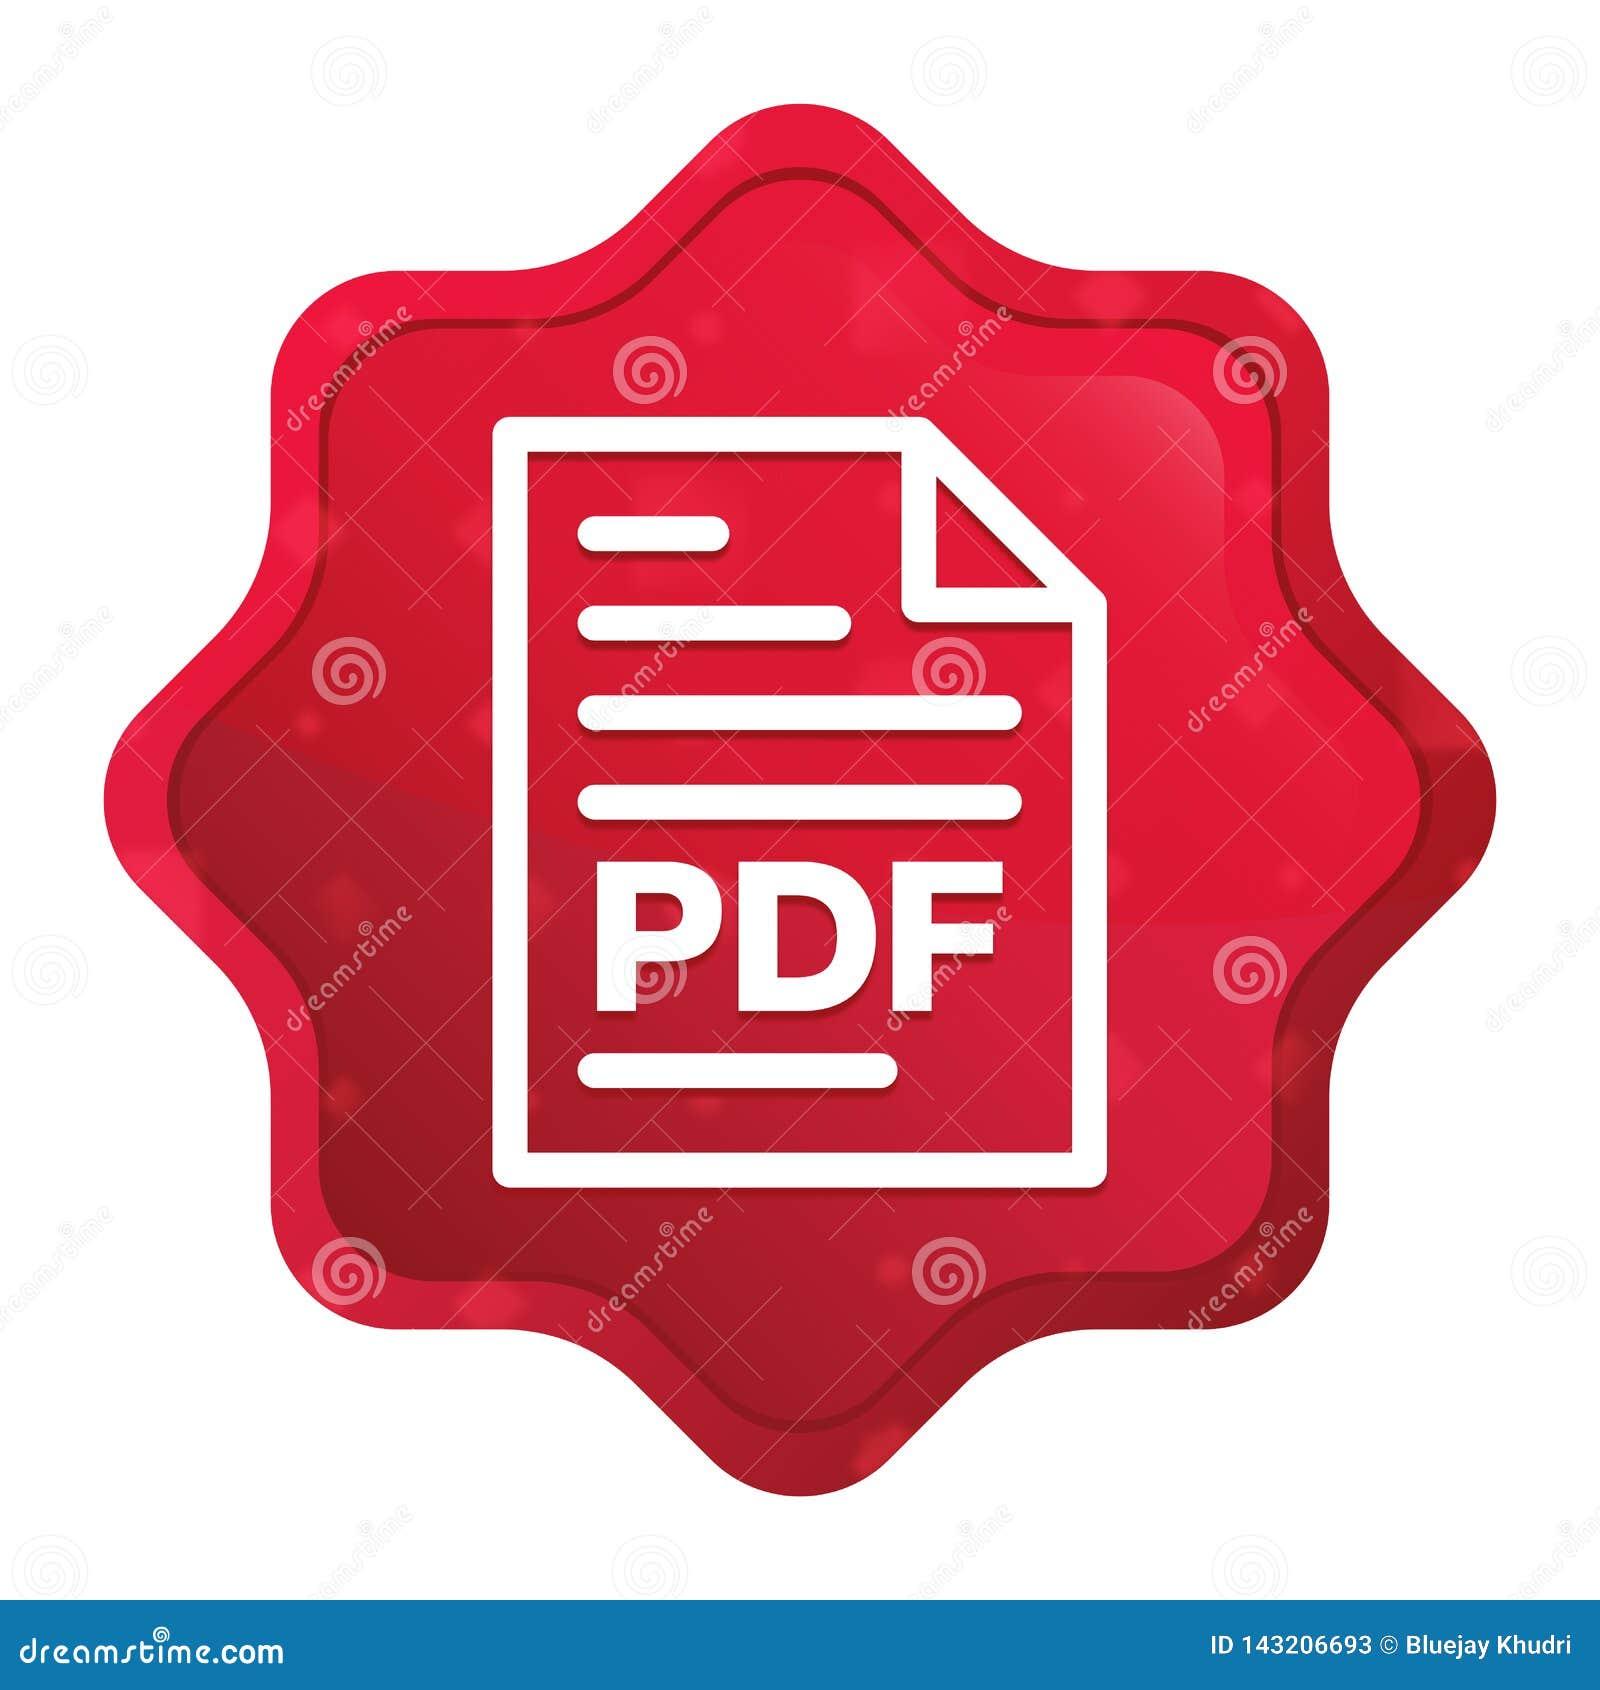 PDF-van het pictogram nevelige rozerode starburst van de documentpagina de stickerknoop